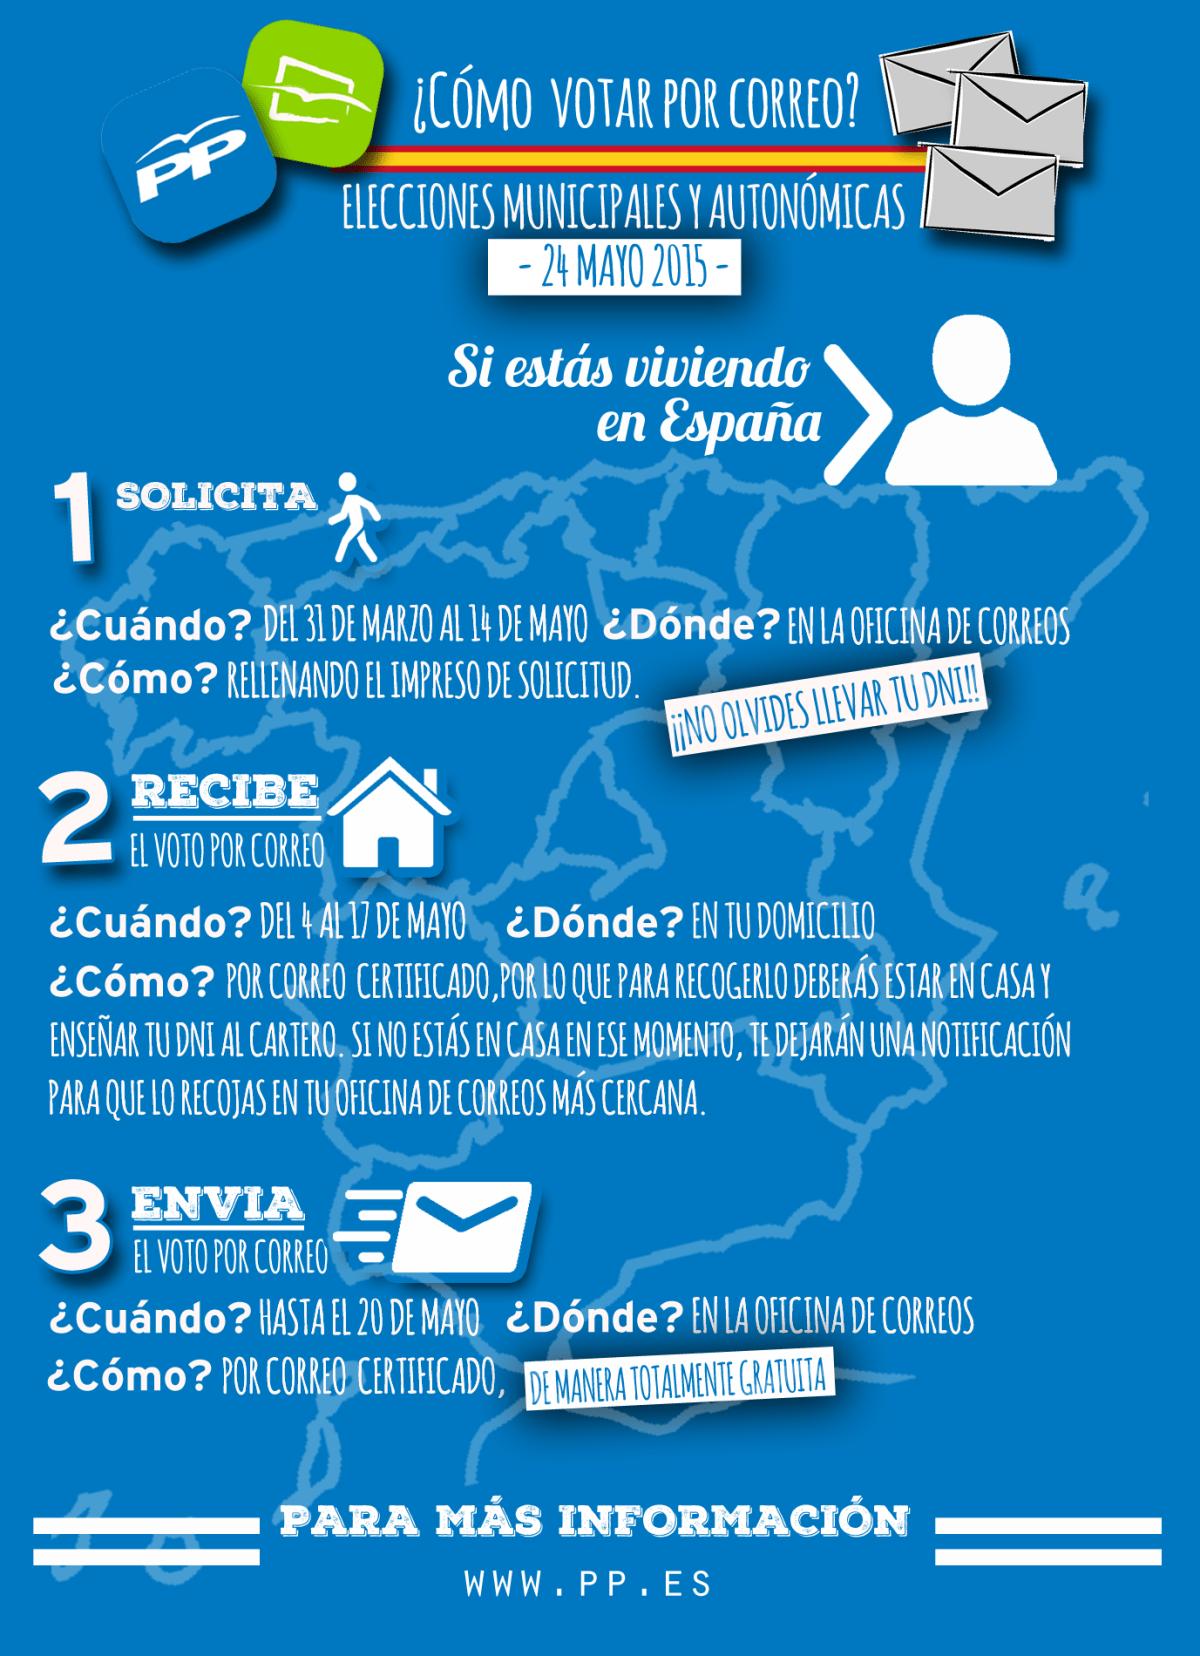 4mar2015_como_votar_por_correo_autonomicas_0